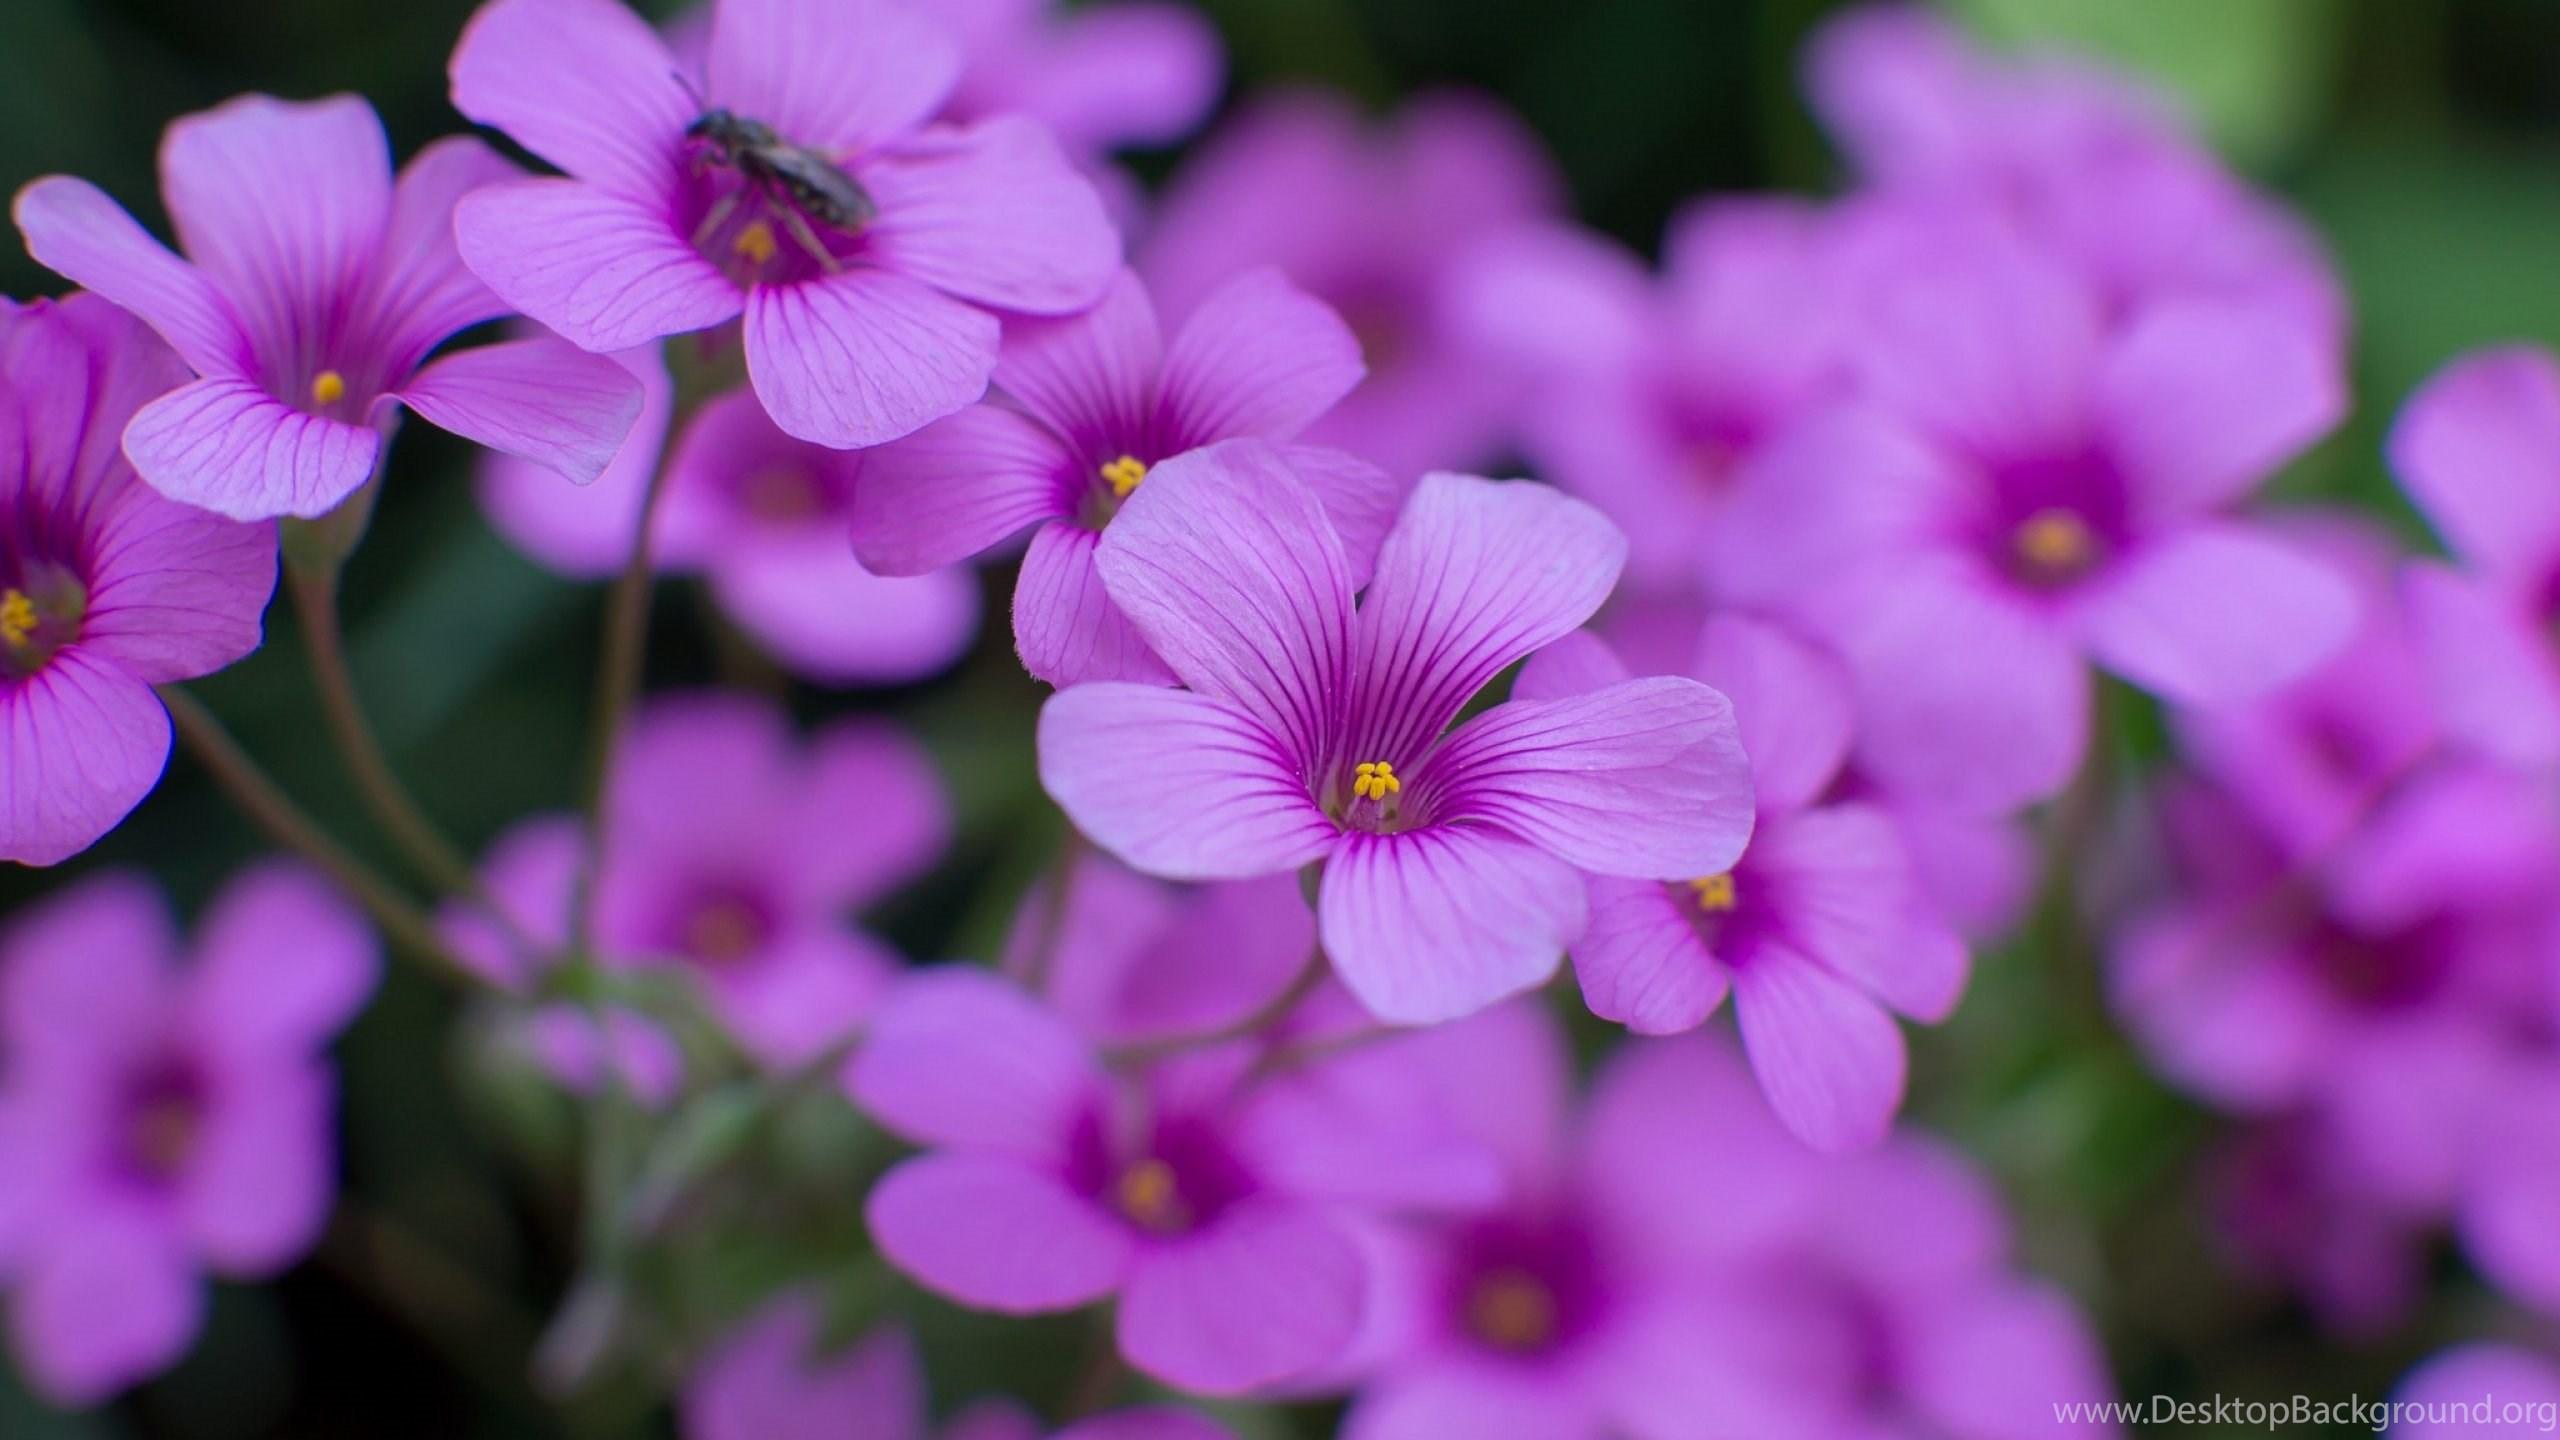 Oxalis beautiful flowers wallpapers hd download for desktop desktop netbook izmirmasajfo